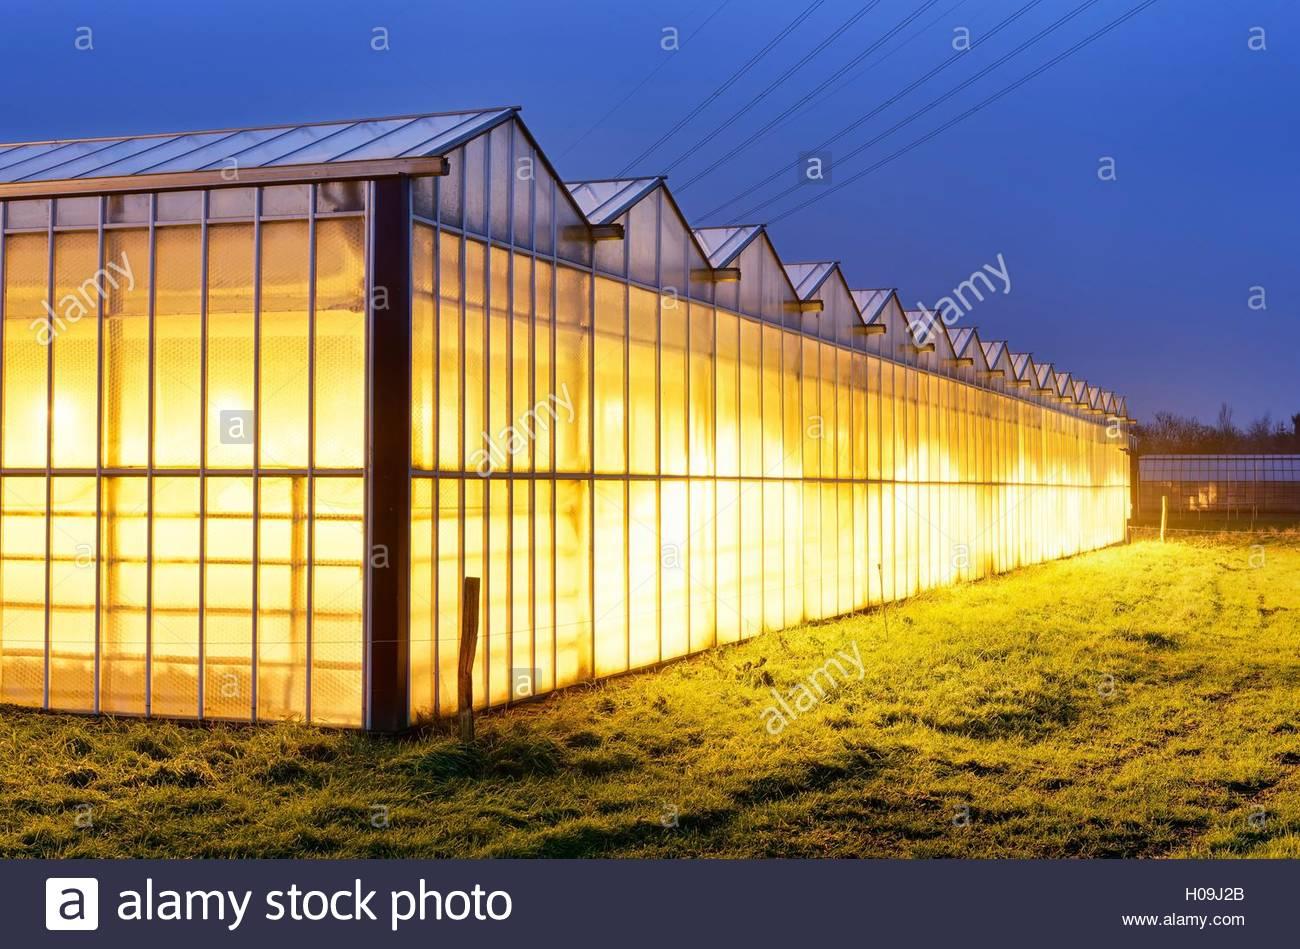 BLWX071275 [ (c) blickwinkel/McPHOTOx/Christian Ohde Tel. +49 (0)2302-2793220, E-mail: info@blickwinkel.de, Internet: - Stock Image